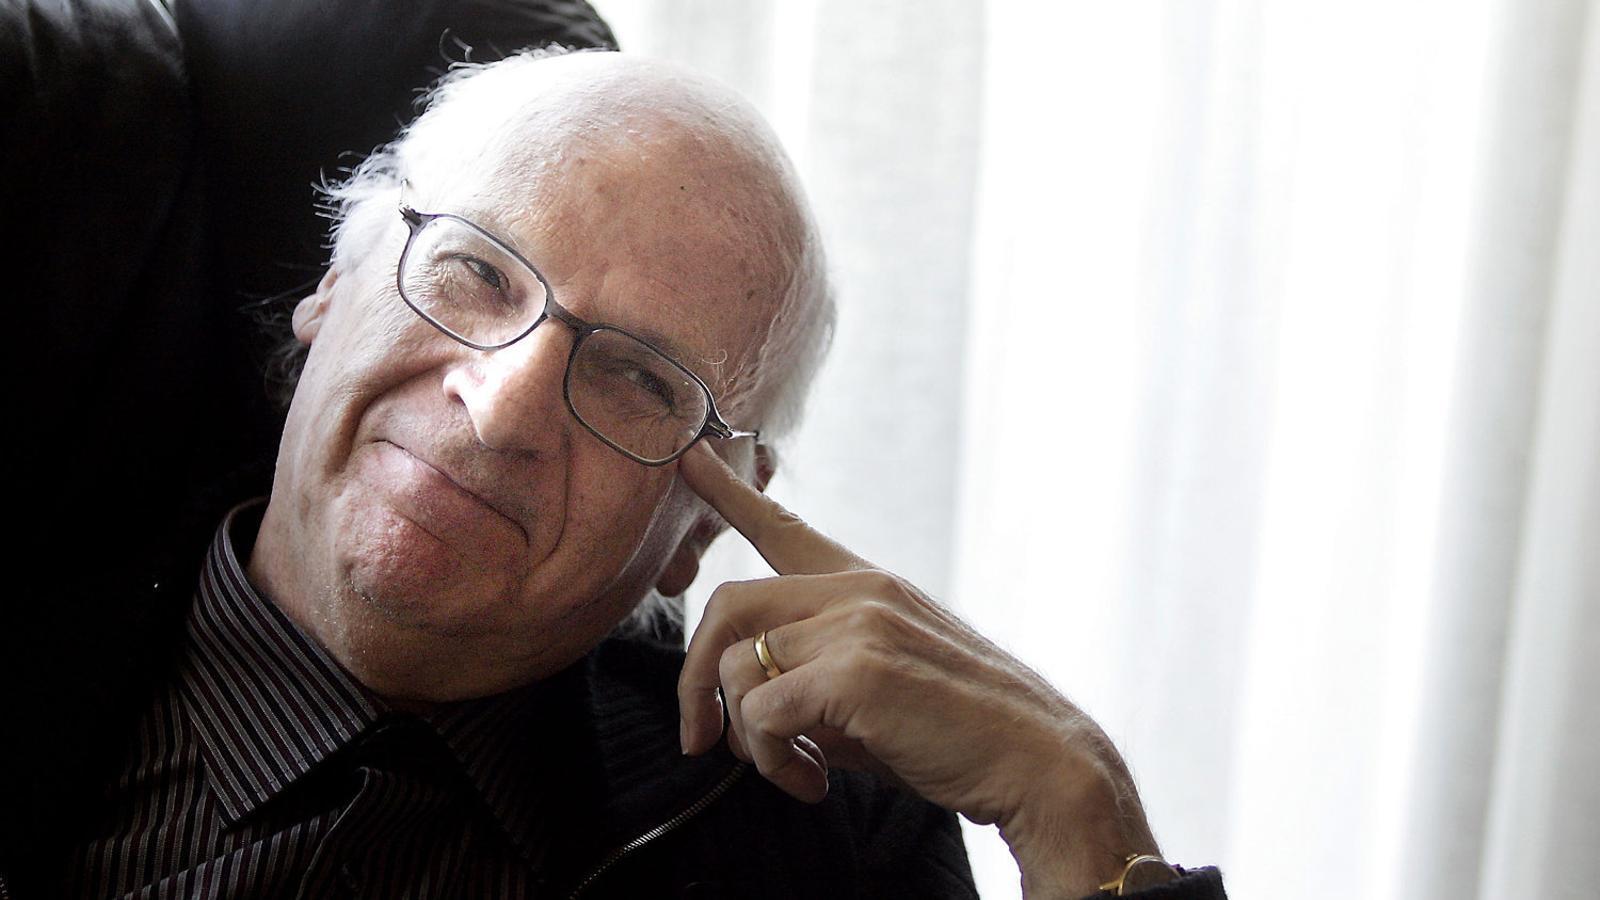 El compositor Xavier Benguerel, en una imatge del 2007. / FRANCESC MELCION